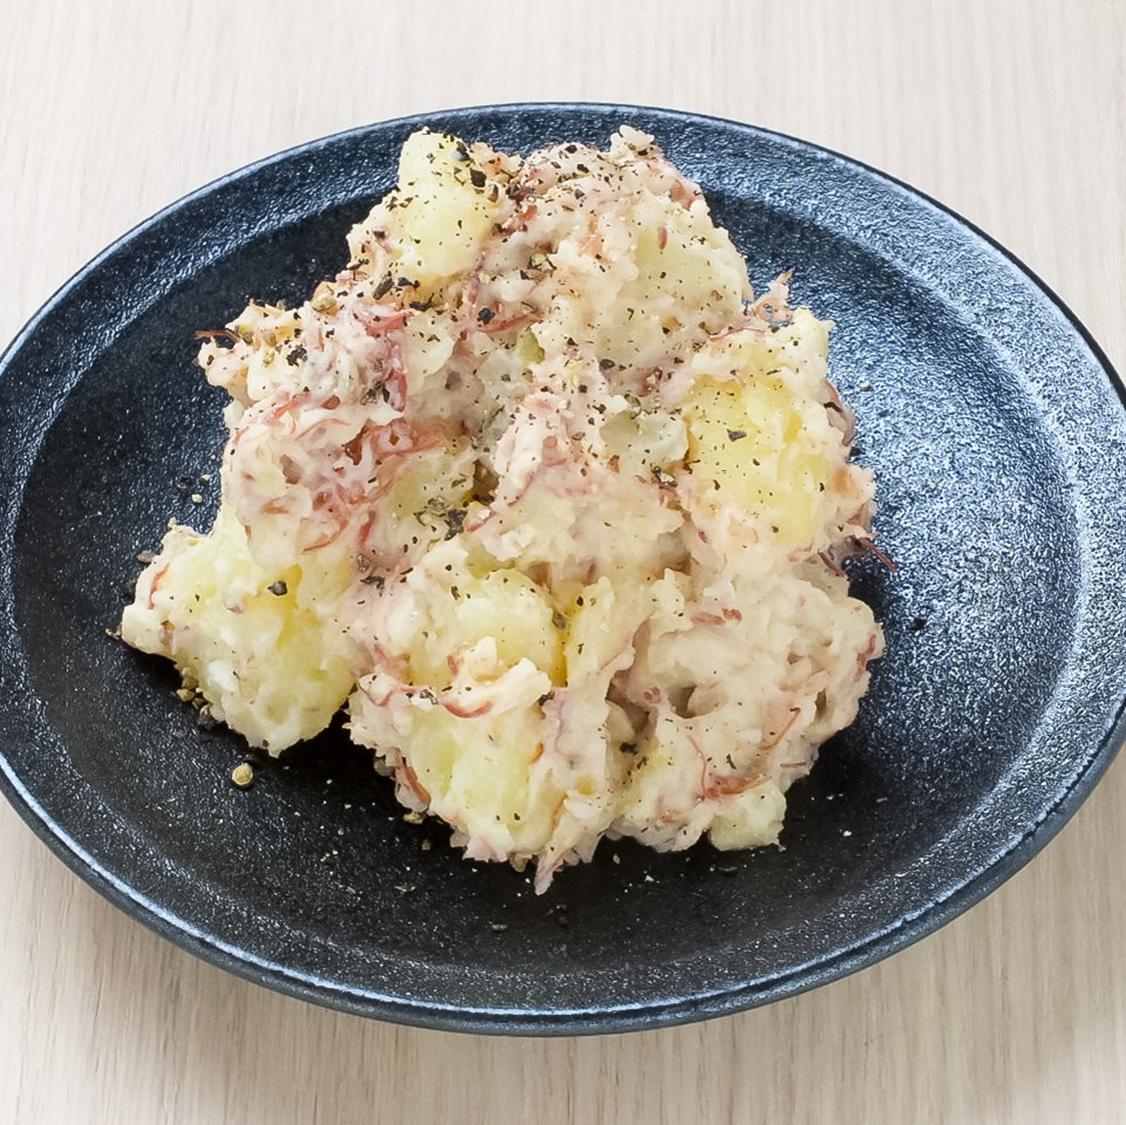 土豆沙拉醃牛肉和泡菜